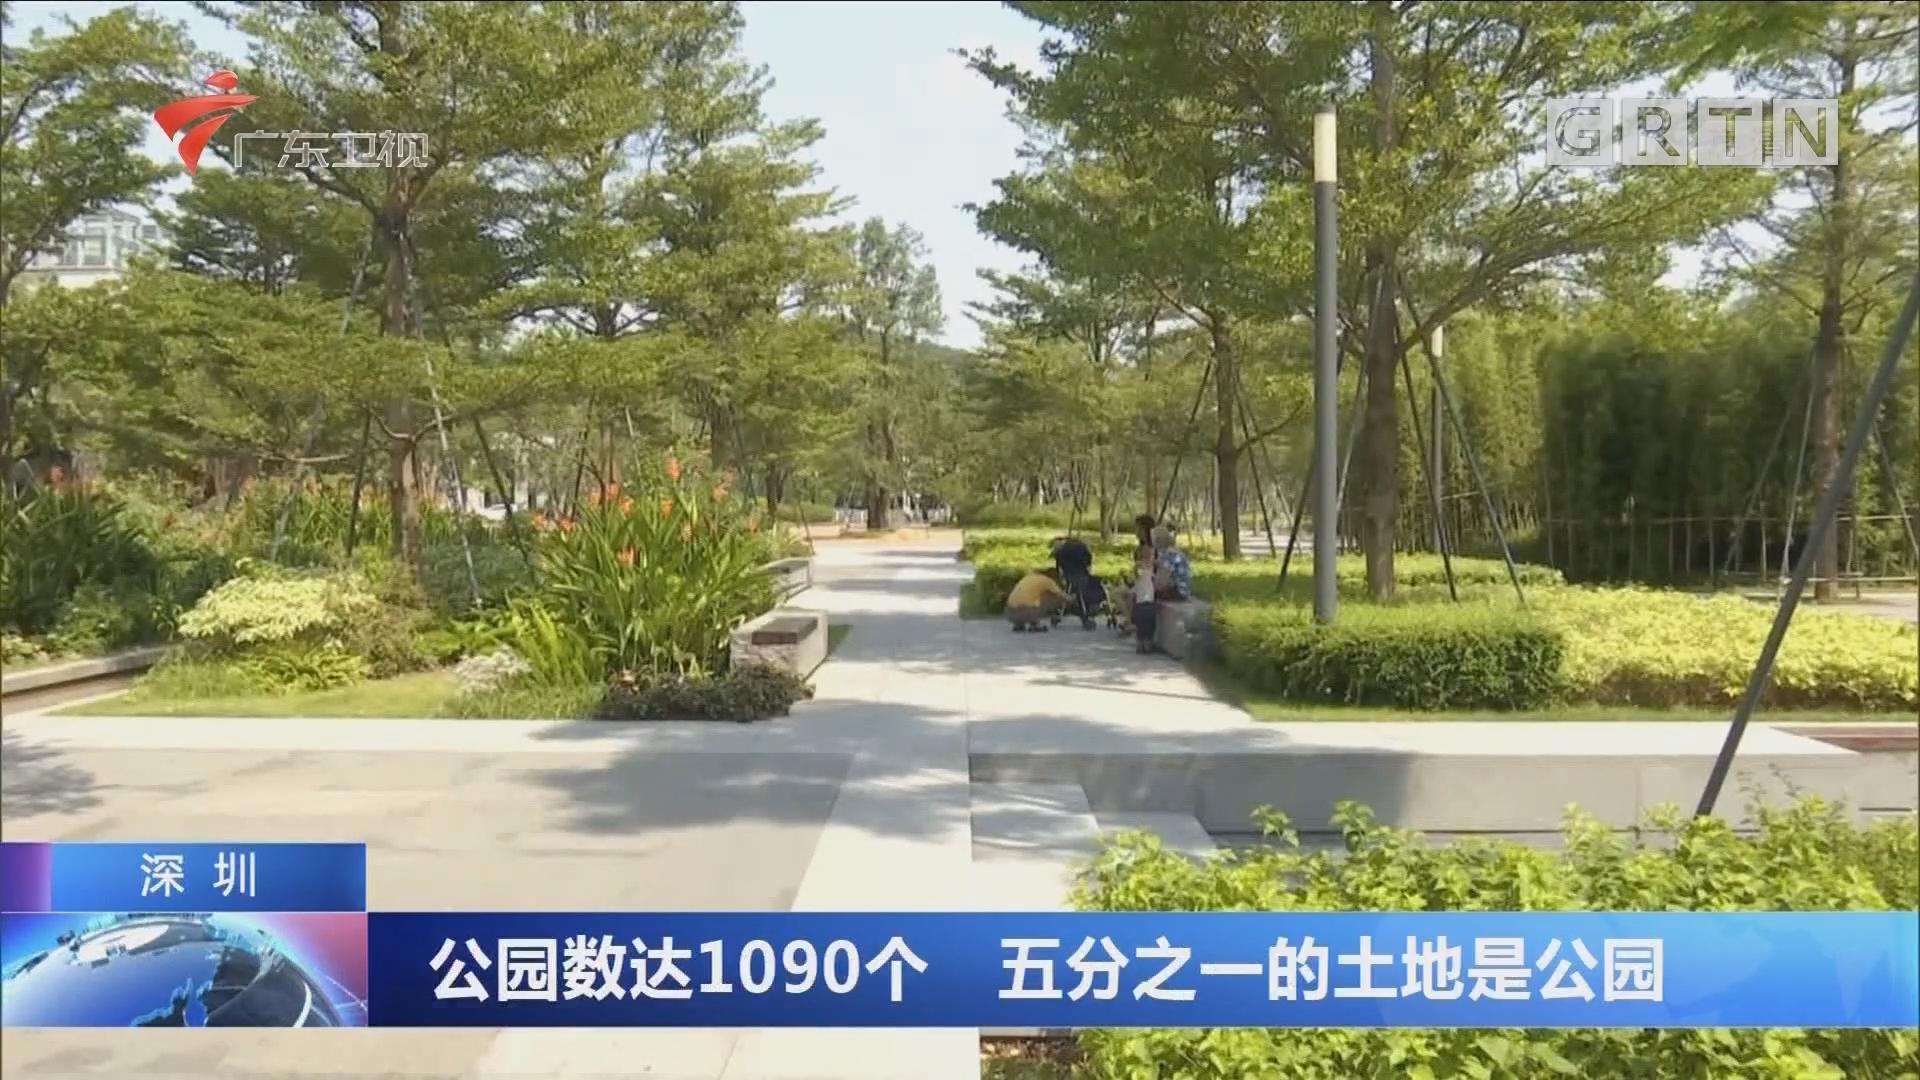 深圳:公园数达1090个 五分之一的土地是公园